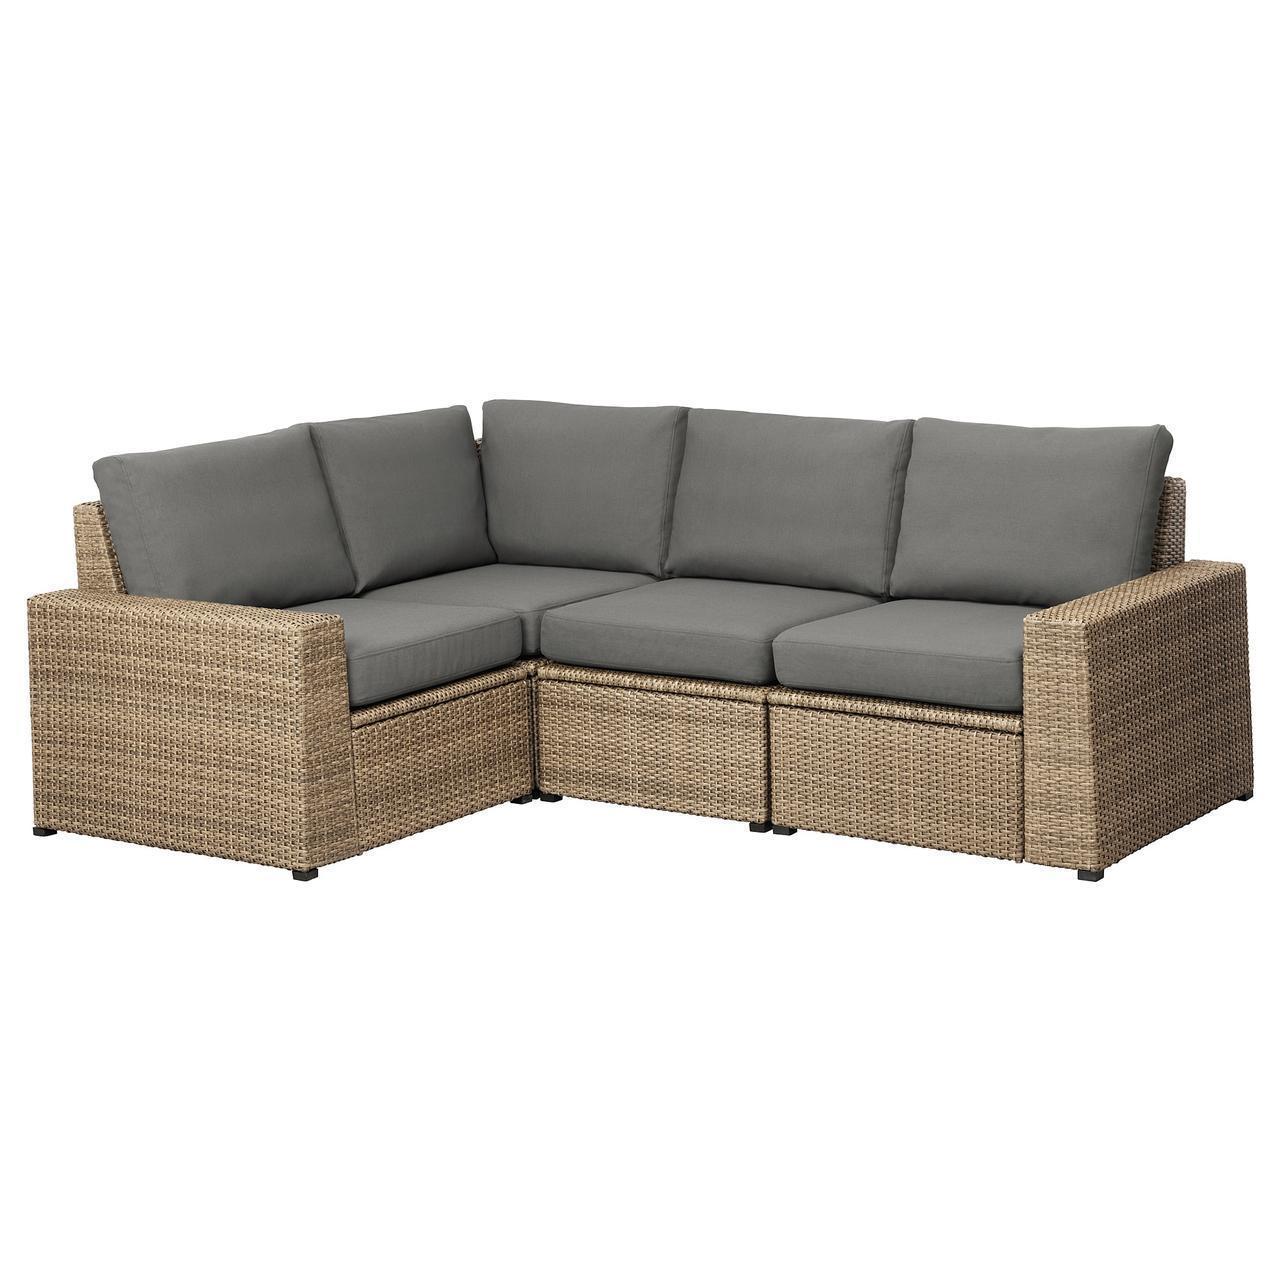 IKEA SOLLERON 3-местный модульный угловой садовый диван, коричневый, Фрезен/дувхолмен (592.526.56)